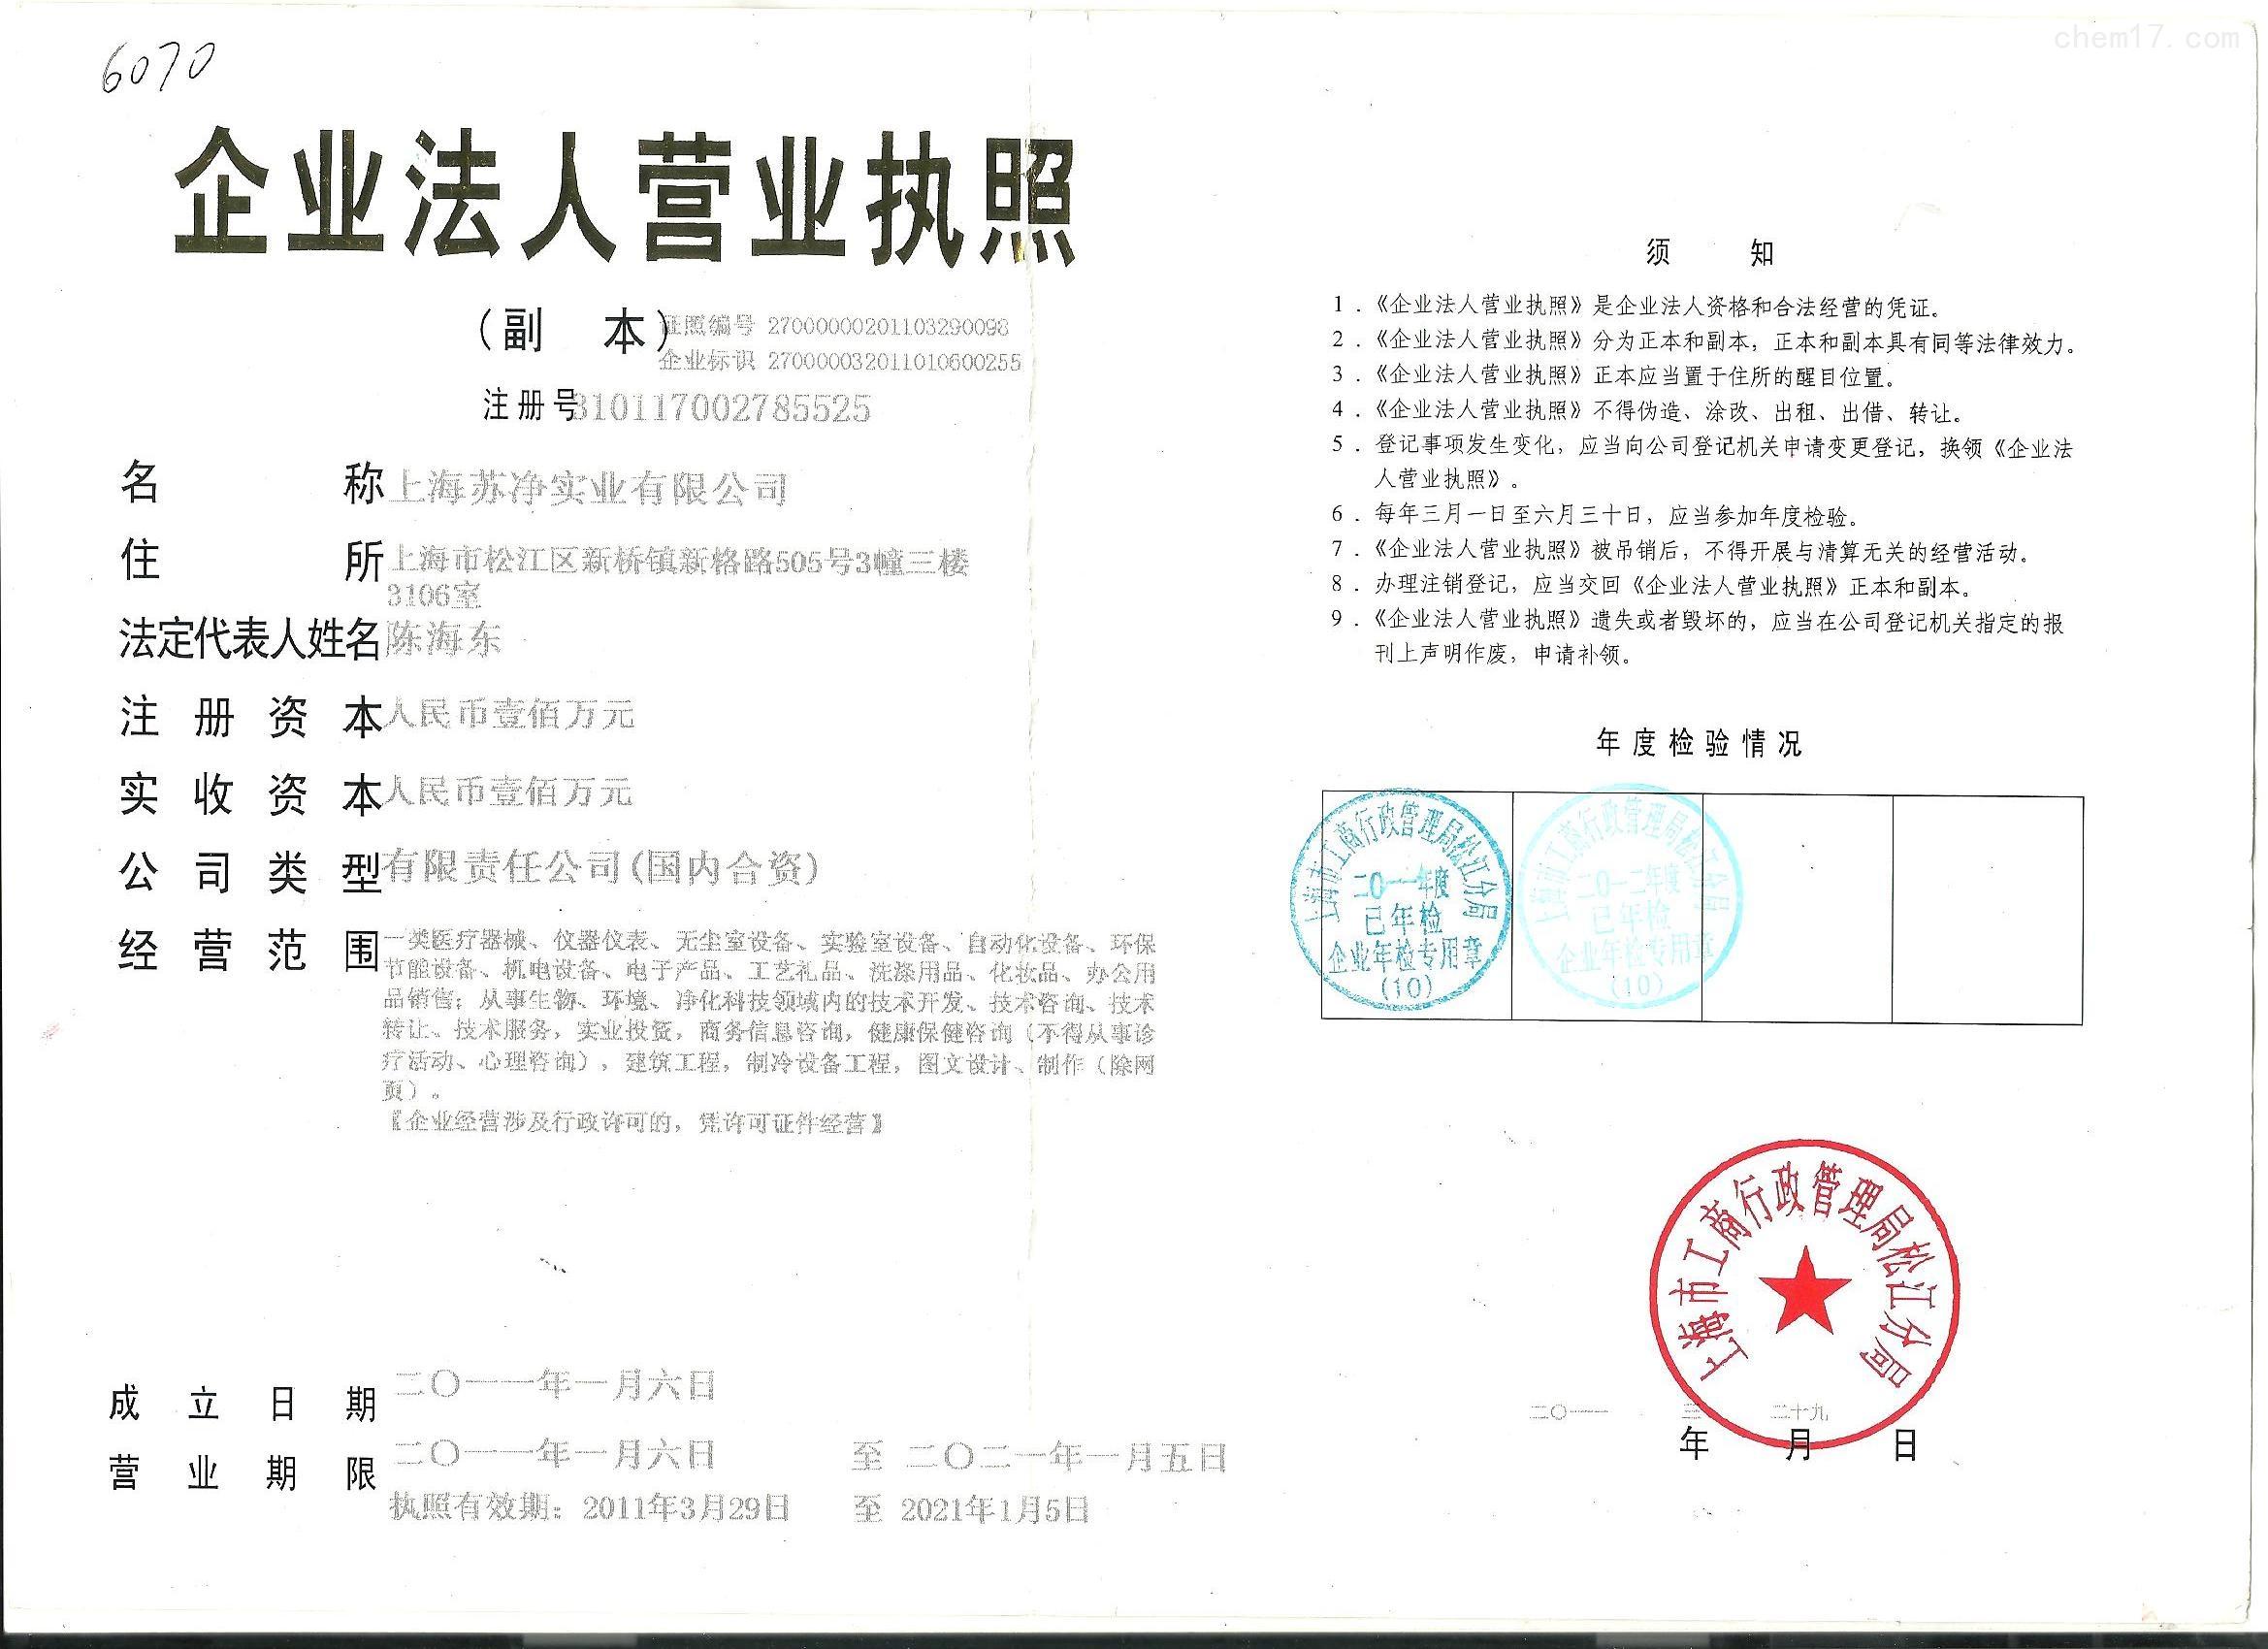 上海速進實業有限公司